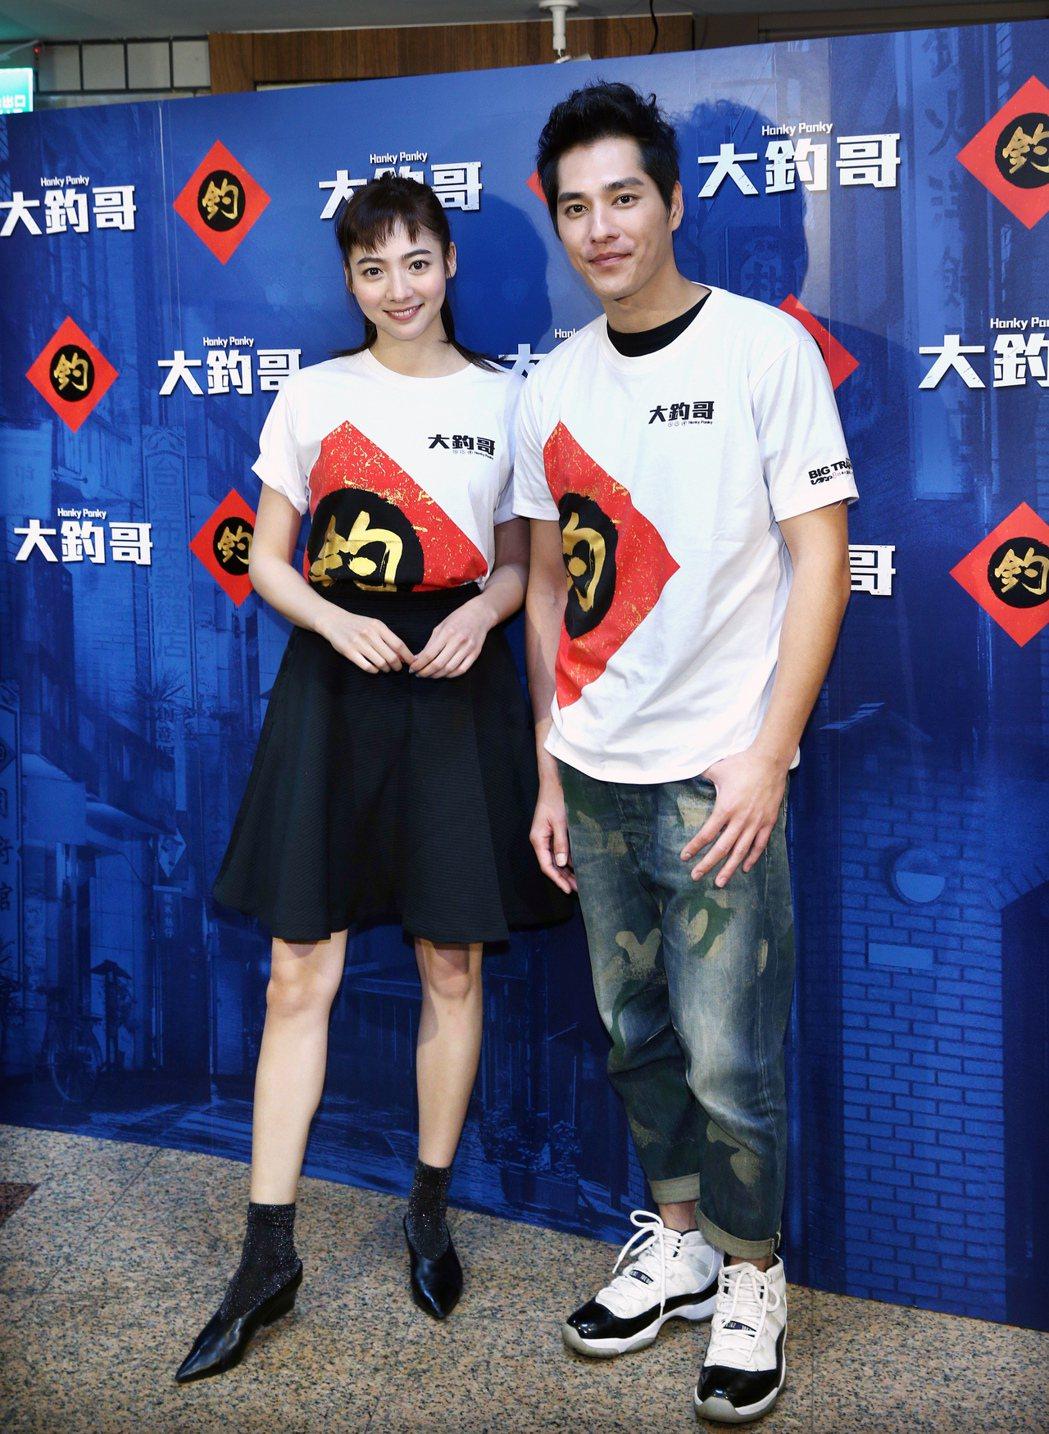 藍正龍(右)與謝沛恩(左)為電影「大釣哥」宣傳。記者蘇健忠/攝影